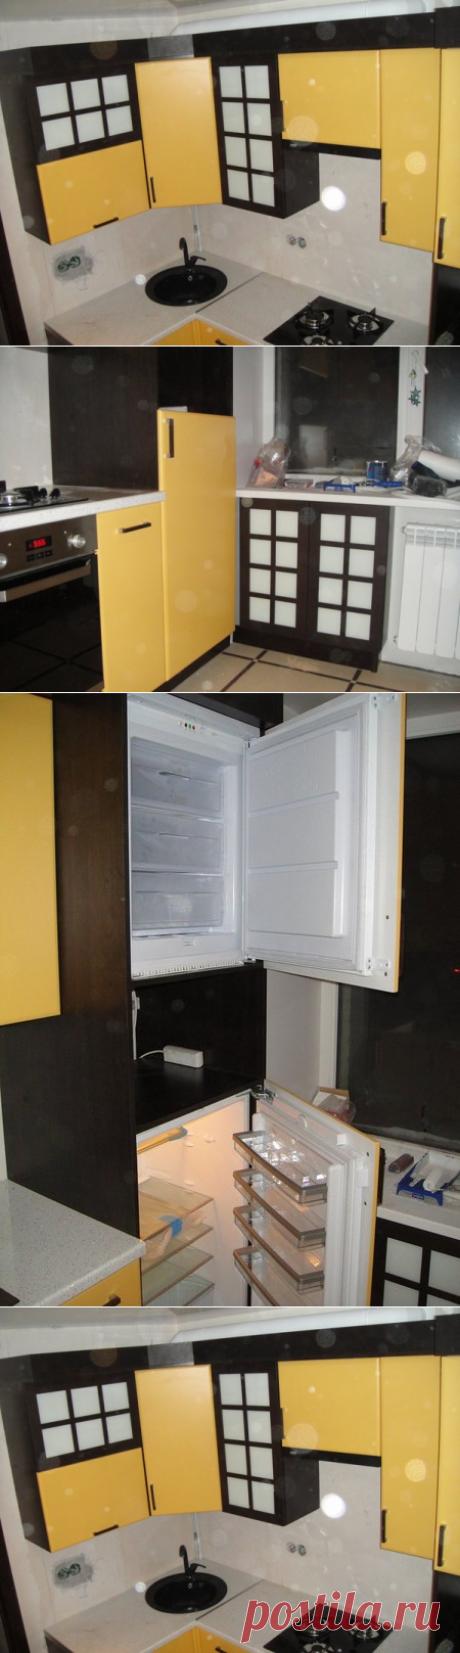 Кухня 6 кв.м. с отдельной холодильной и морозильной камерами, а также с замаскированной газовой колонкой. Узнать тут